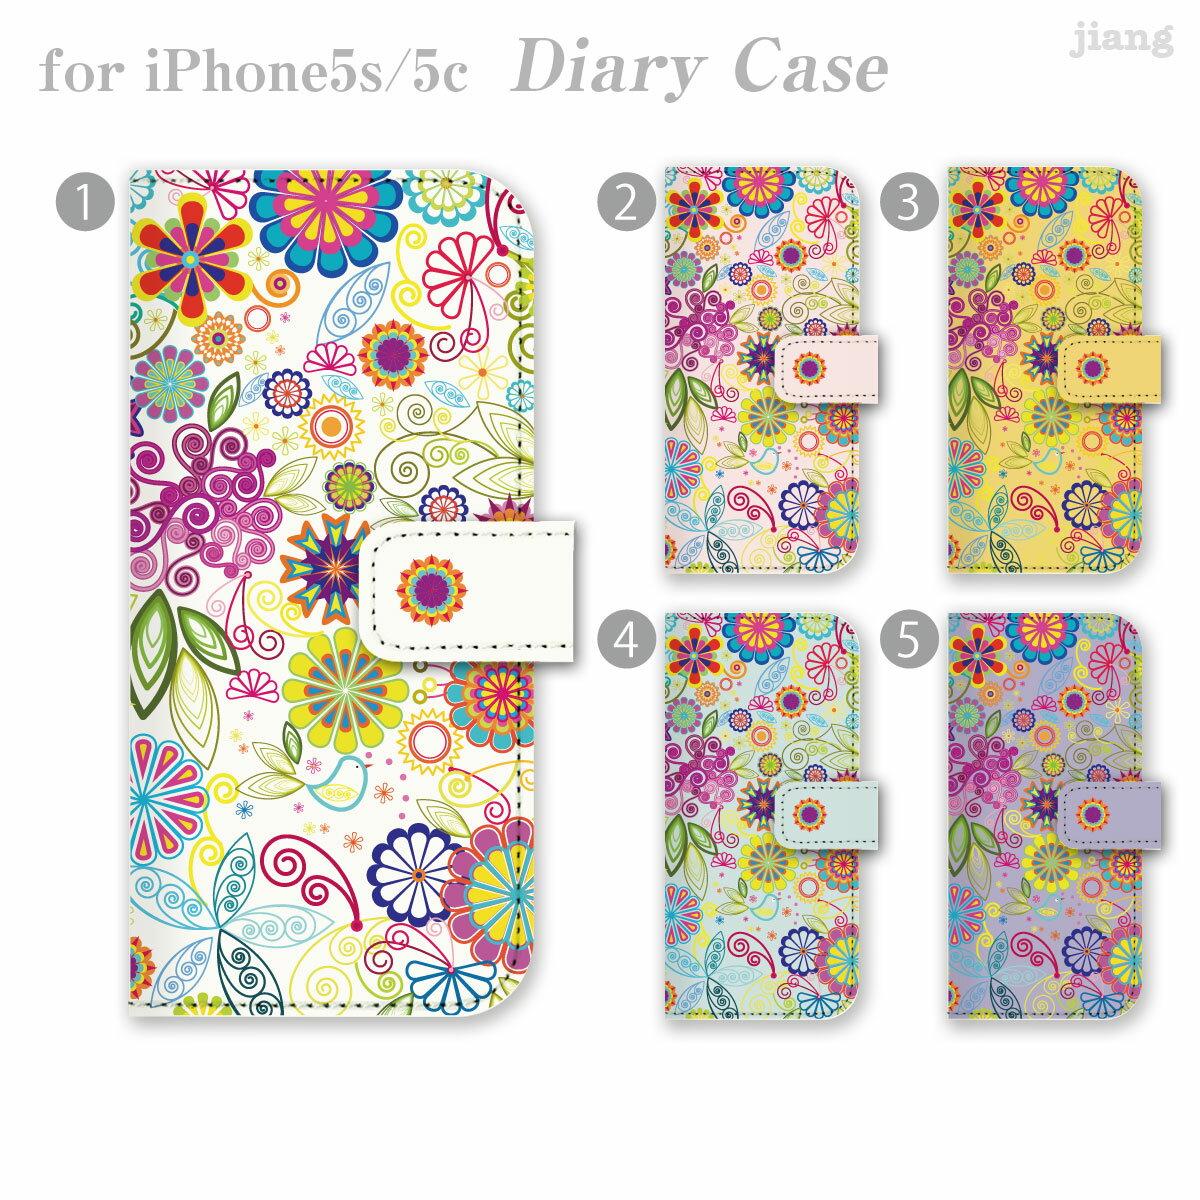 スマホケース 手帳型 全機種対応 iPhone7ケース iPhone7 Plus iPhone6s iPhone6 Plus iPhone5s iPhone5c AQUOS Xperia Z5 Z4 Z3 ARROWS GALAXY ケース カバー Vuodenaika 花柄 21-ip5-ds0009-zen2s